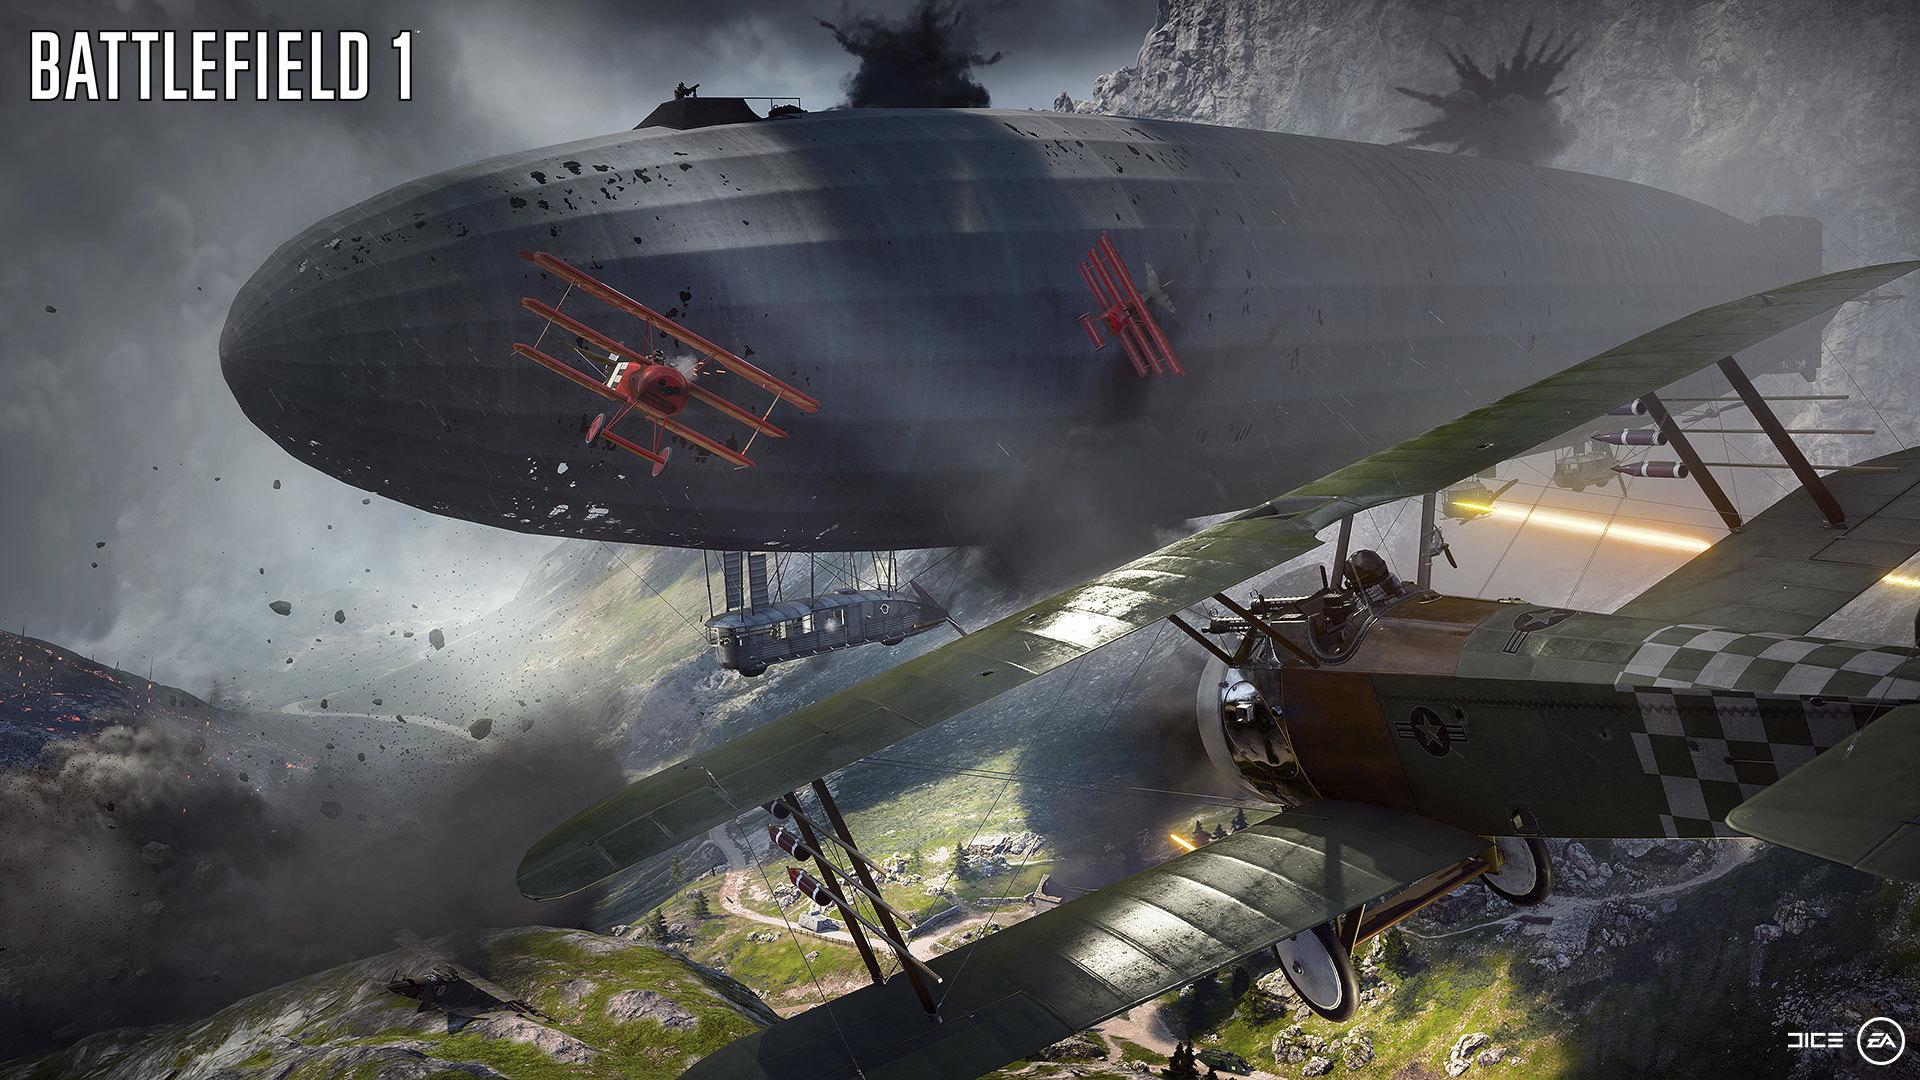 空の要塞、飛行船。墜落すると地形すら変えてしまうほどのデカさ